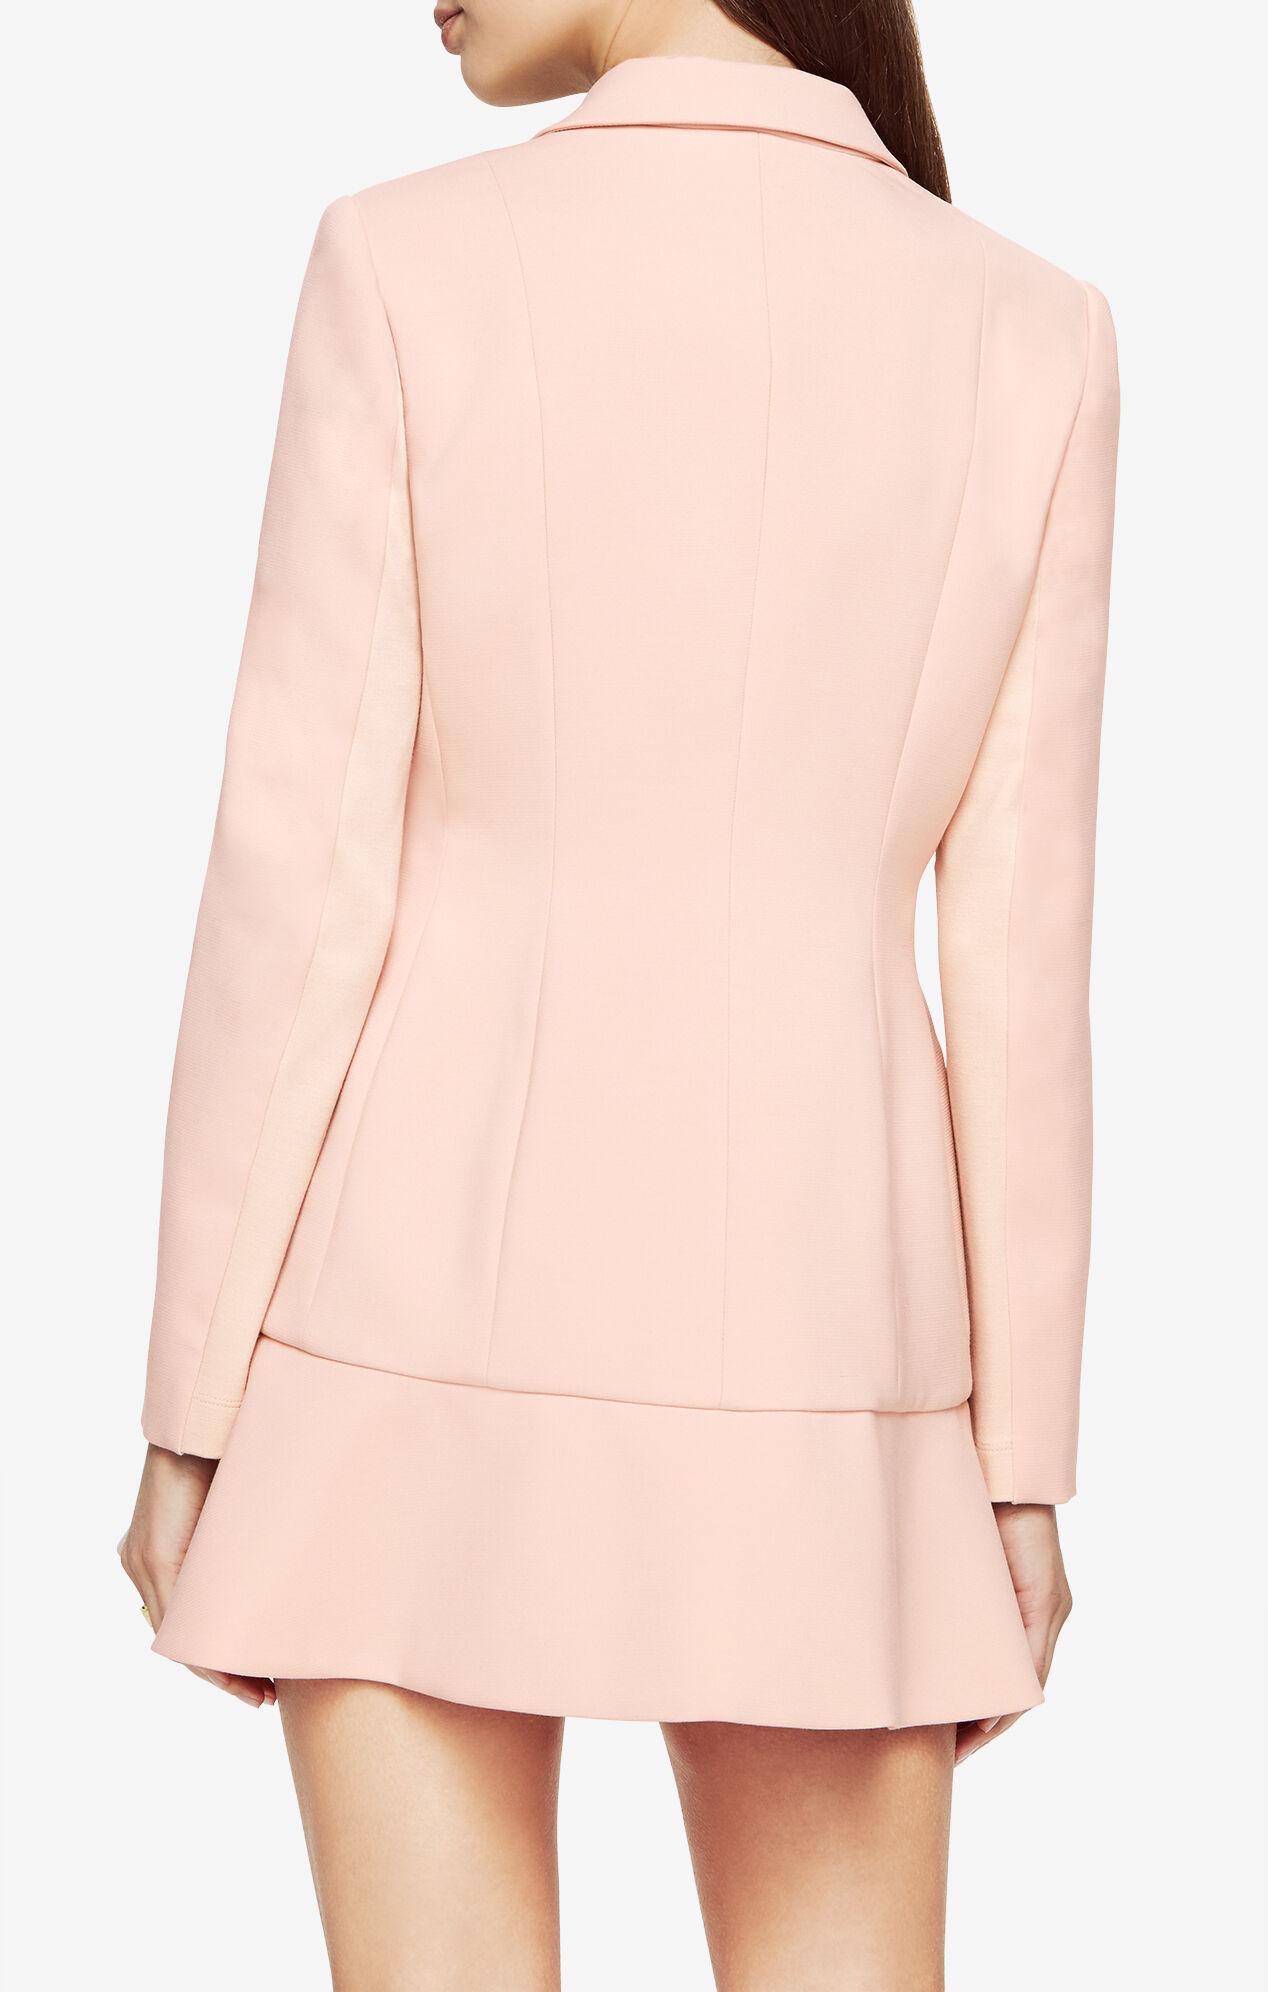 Aryn Flounce Jacket Dress